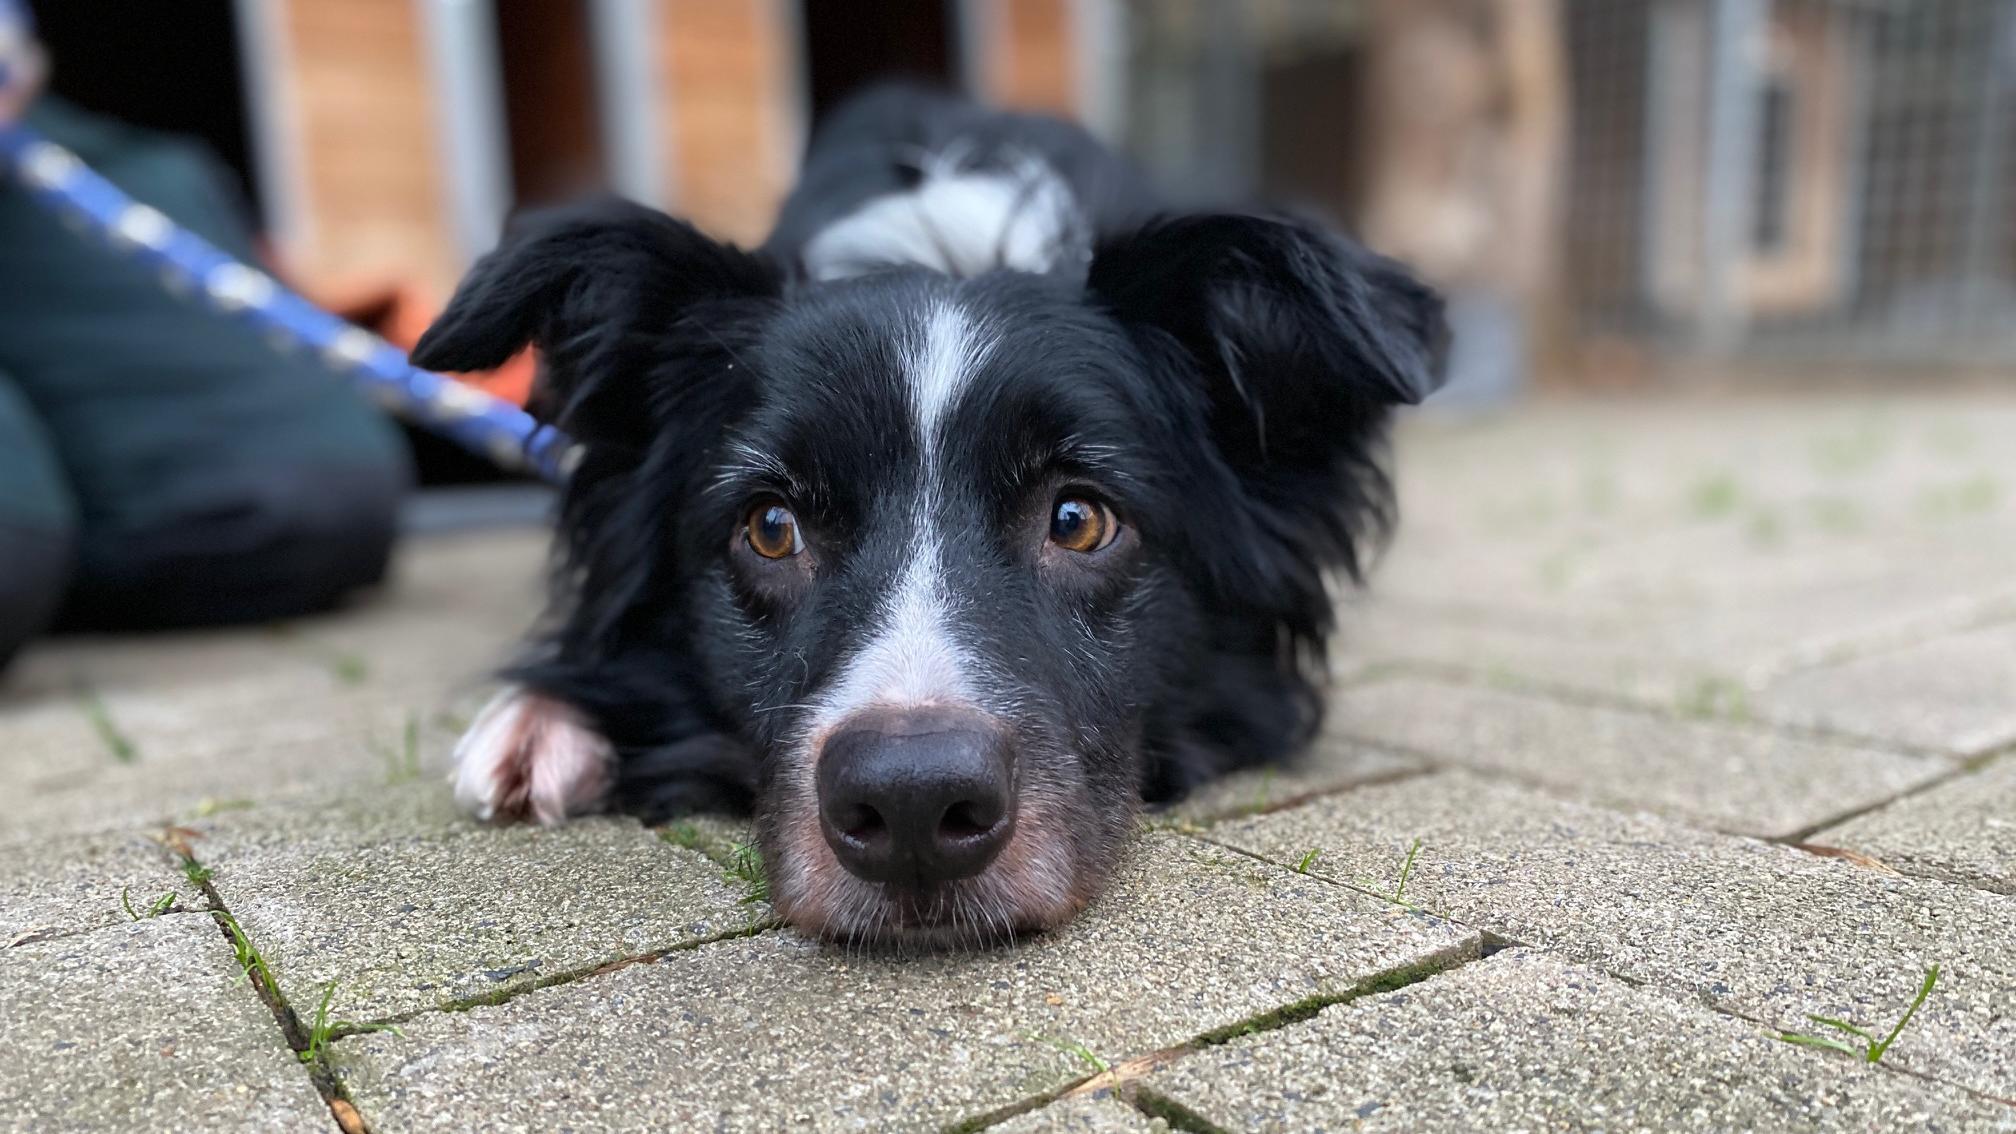 16-Jährige kauft Hund über Online-Kleinanzeige - und setzt ihn wegen Überforderung wieder aus